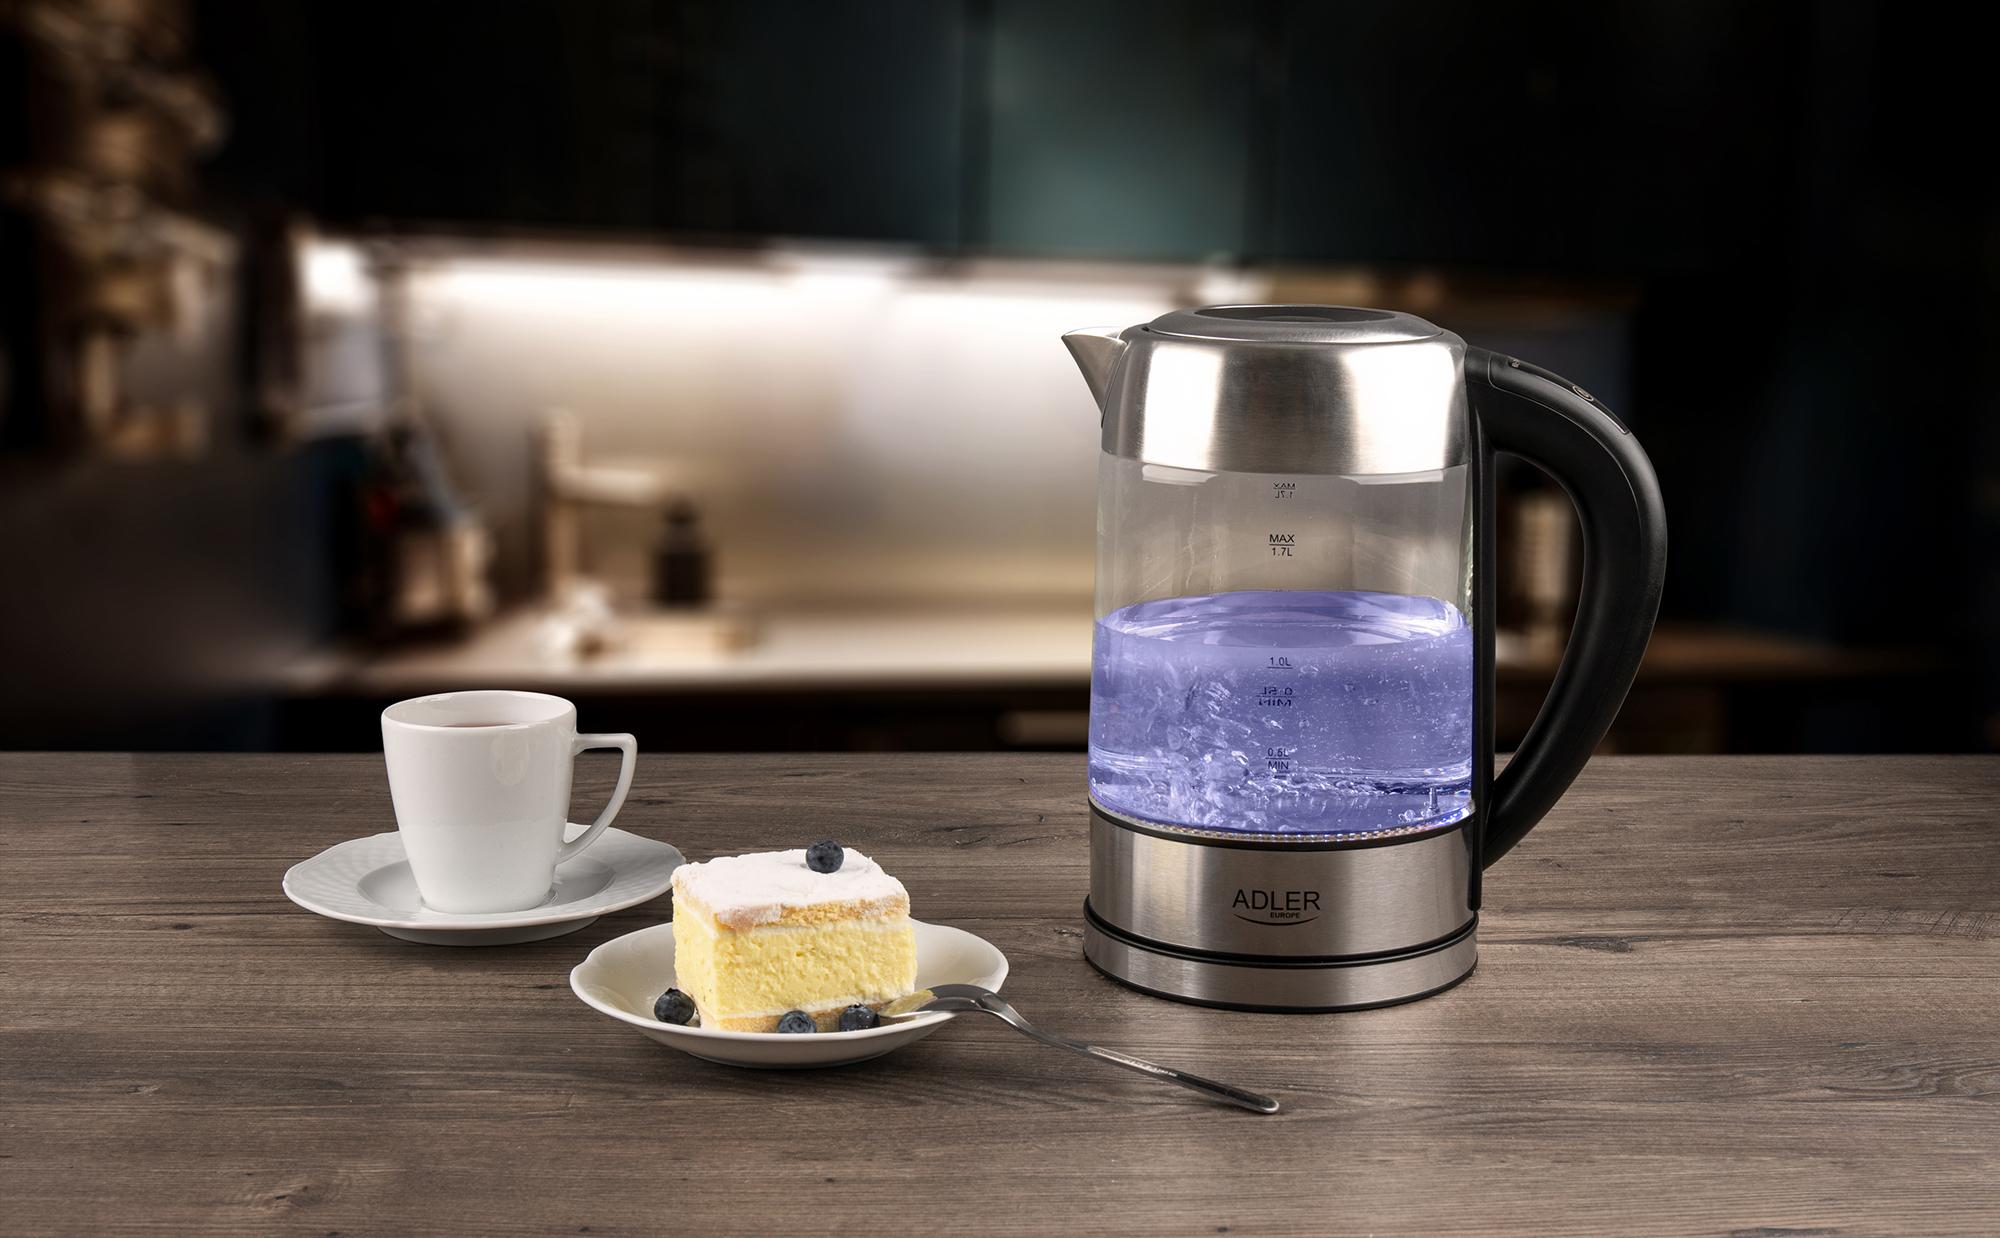 ADLER AD-1247 Hervidor de agua eléctrico cristal 1,7 litros, Regulador de Temperatura de 60 a 100 °C, resistencia oculta, 2200 W, apagado automático, inalámbrico 360º sin cable